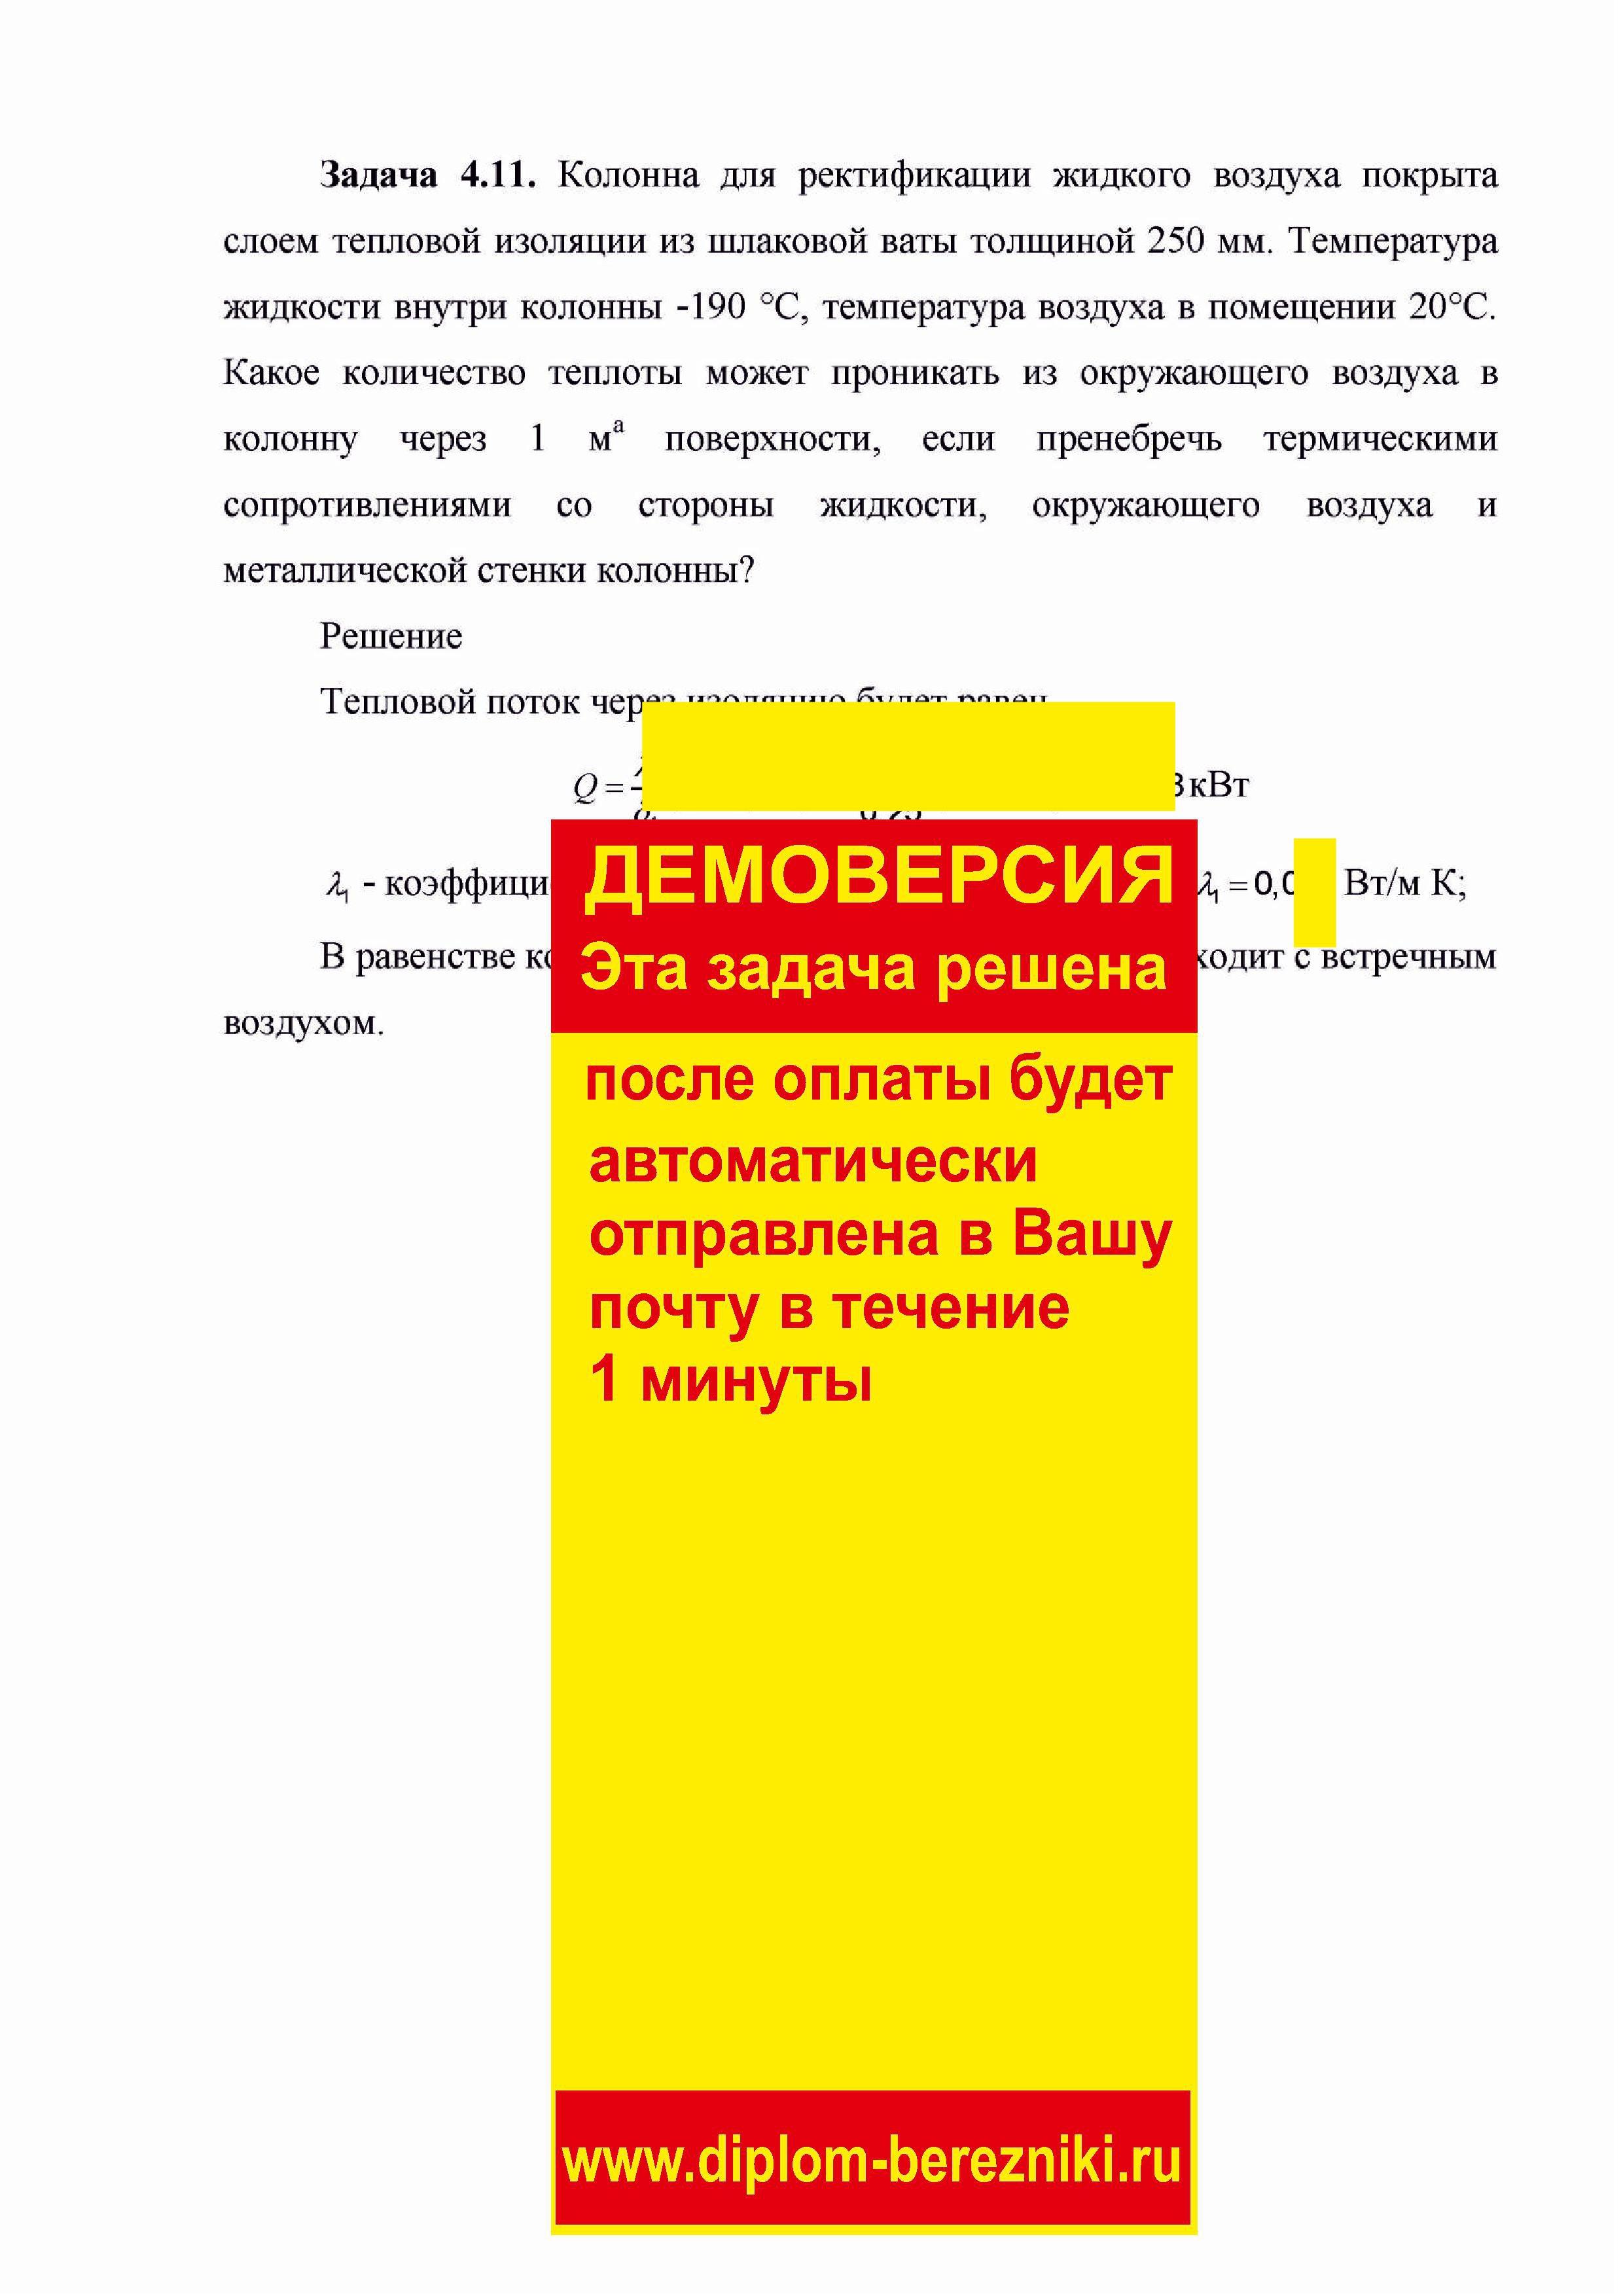 Решение задачи 4.11 по ПАХТ из задачника Павлова Романкова Носкова